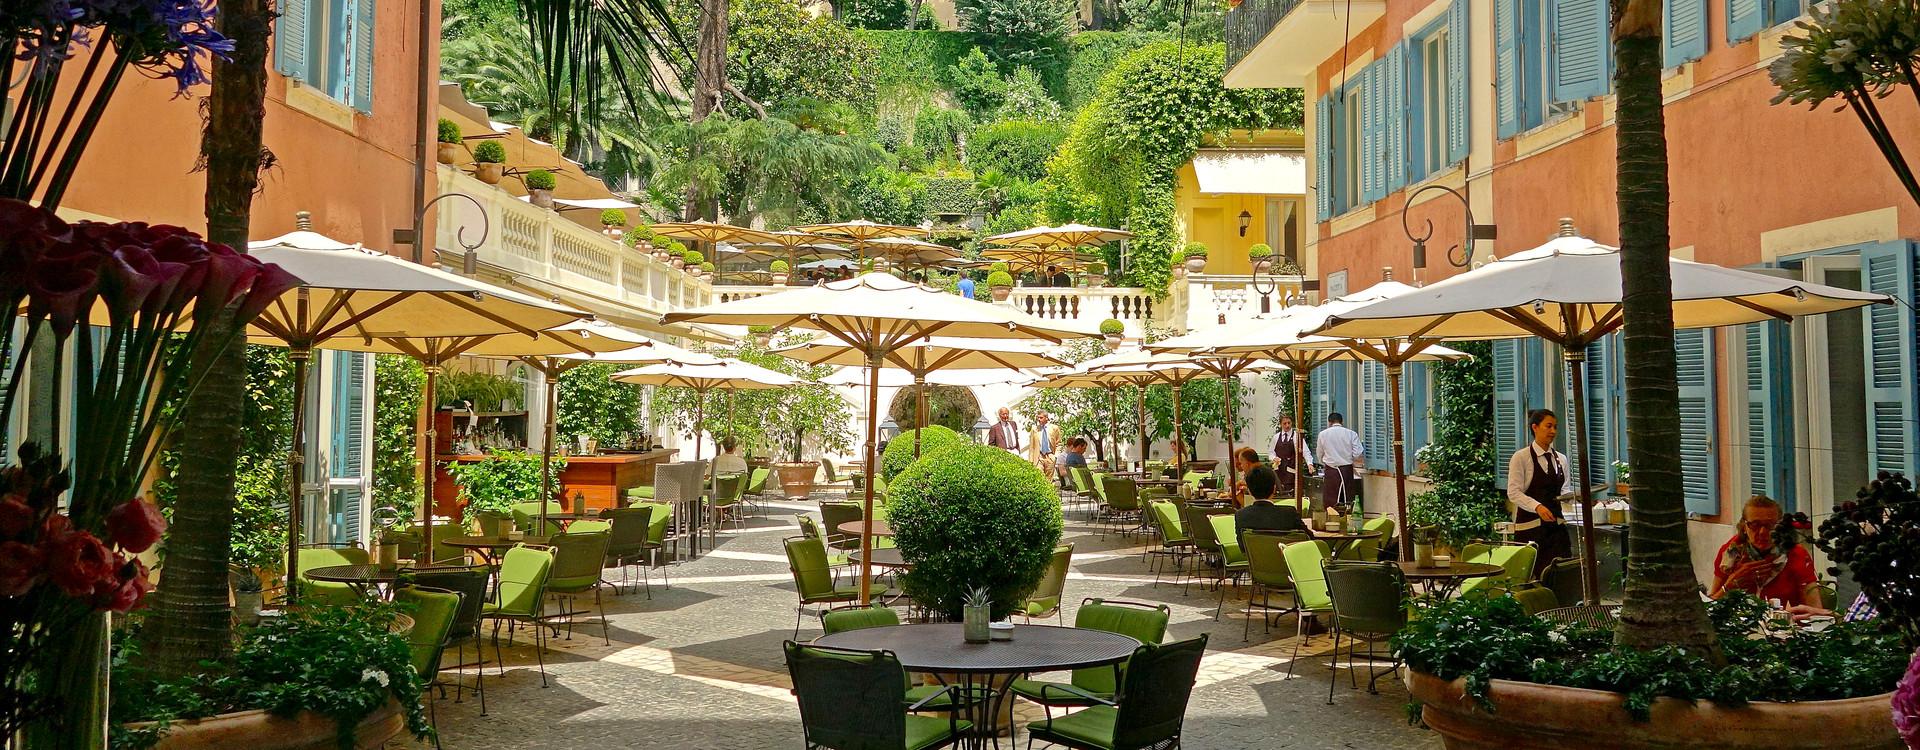 Stravinskij Bar в Hotel de Russie расположен на внутренней площади отеля